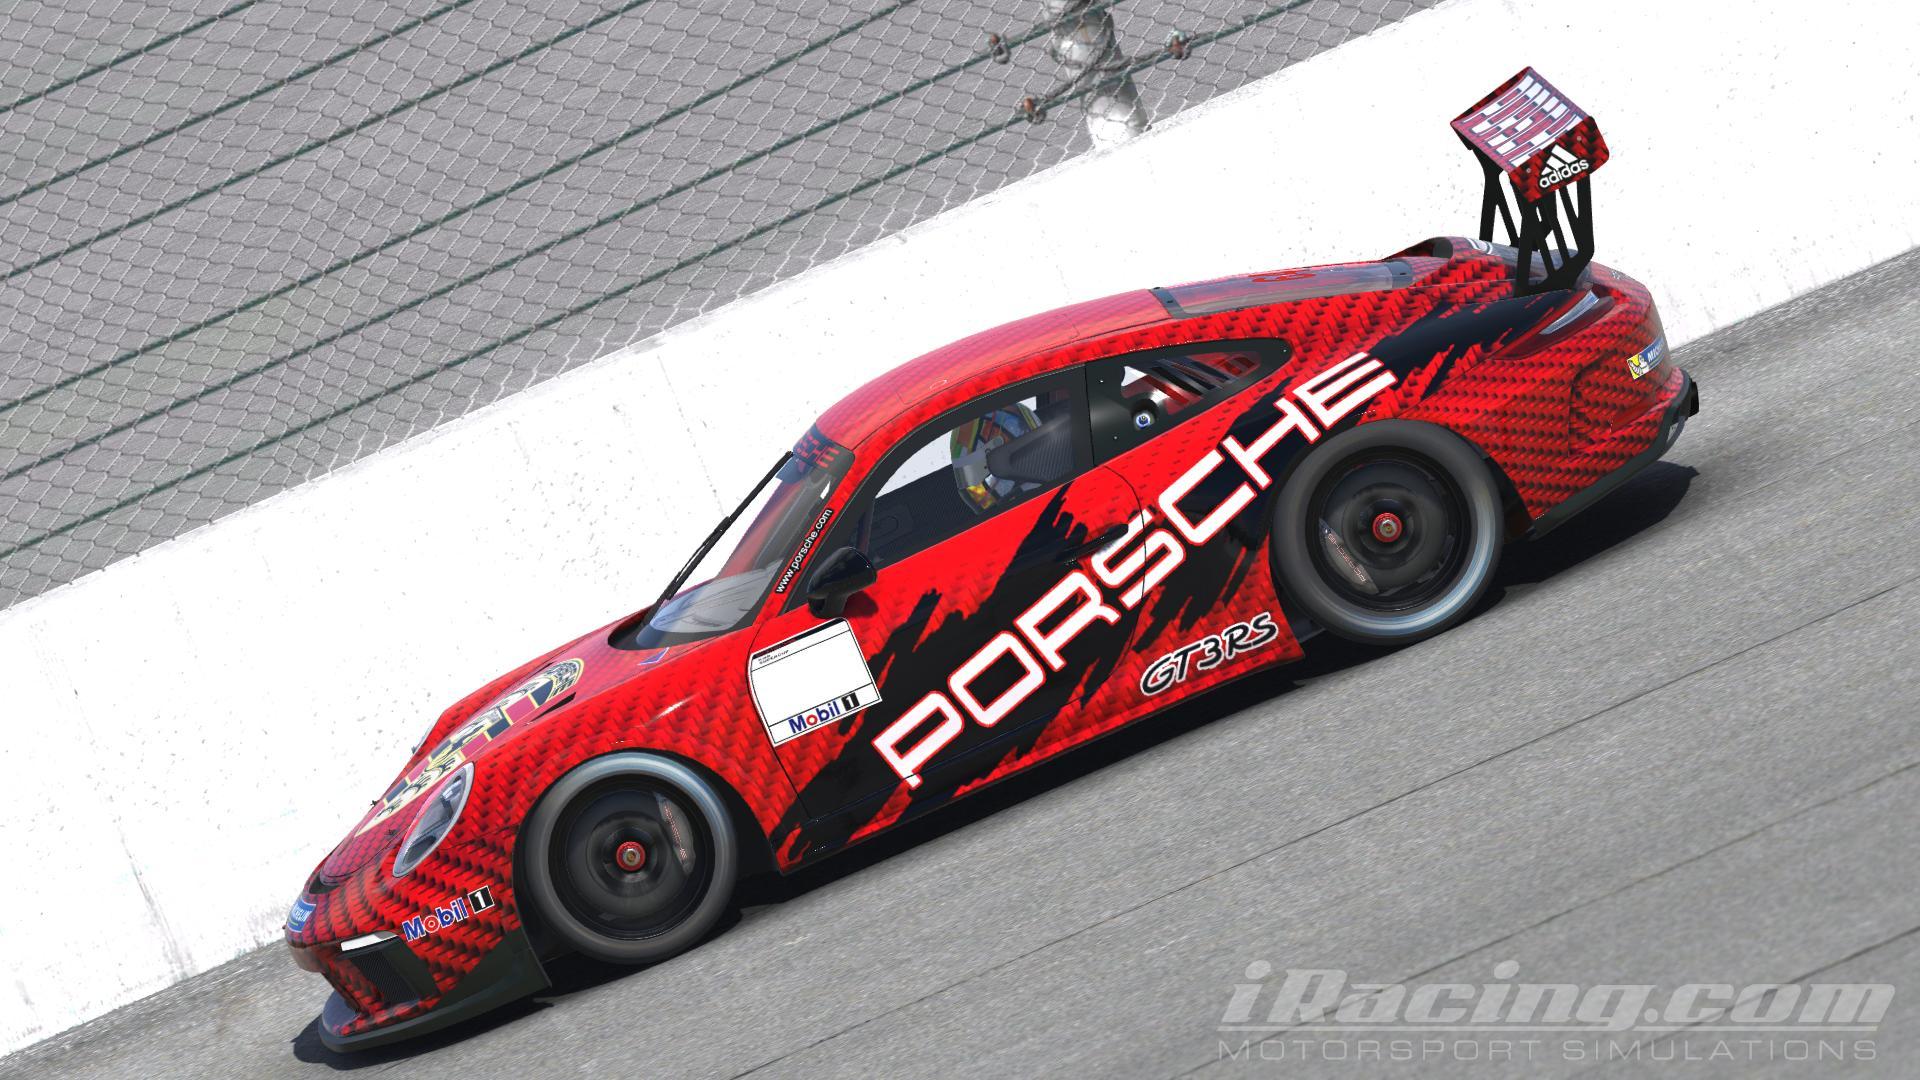 Porsche 911 GT3 Sponsor by Sean D. - Trading Paints on porsche coloring pages, porsche and bugatti race, audi r8 race car template, dirt modified race car template, orange race car template, porsche boxster race car, dodge challenger race car template,